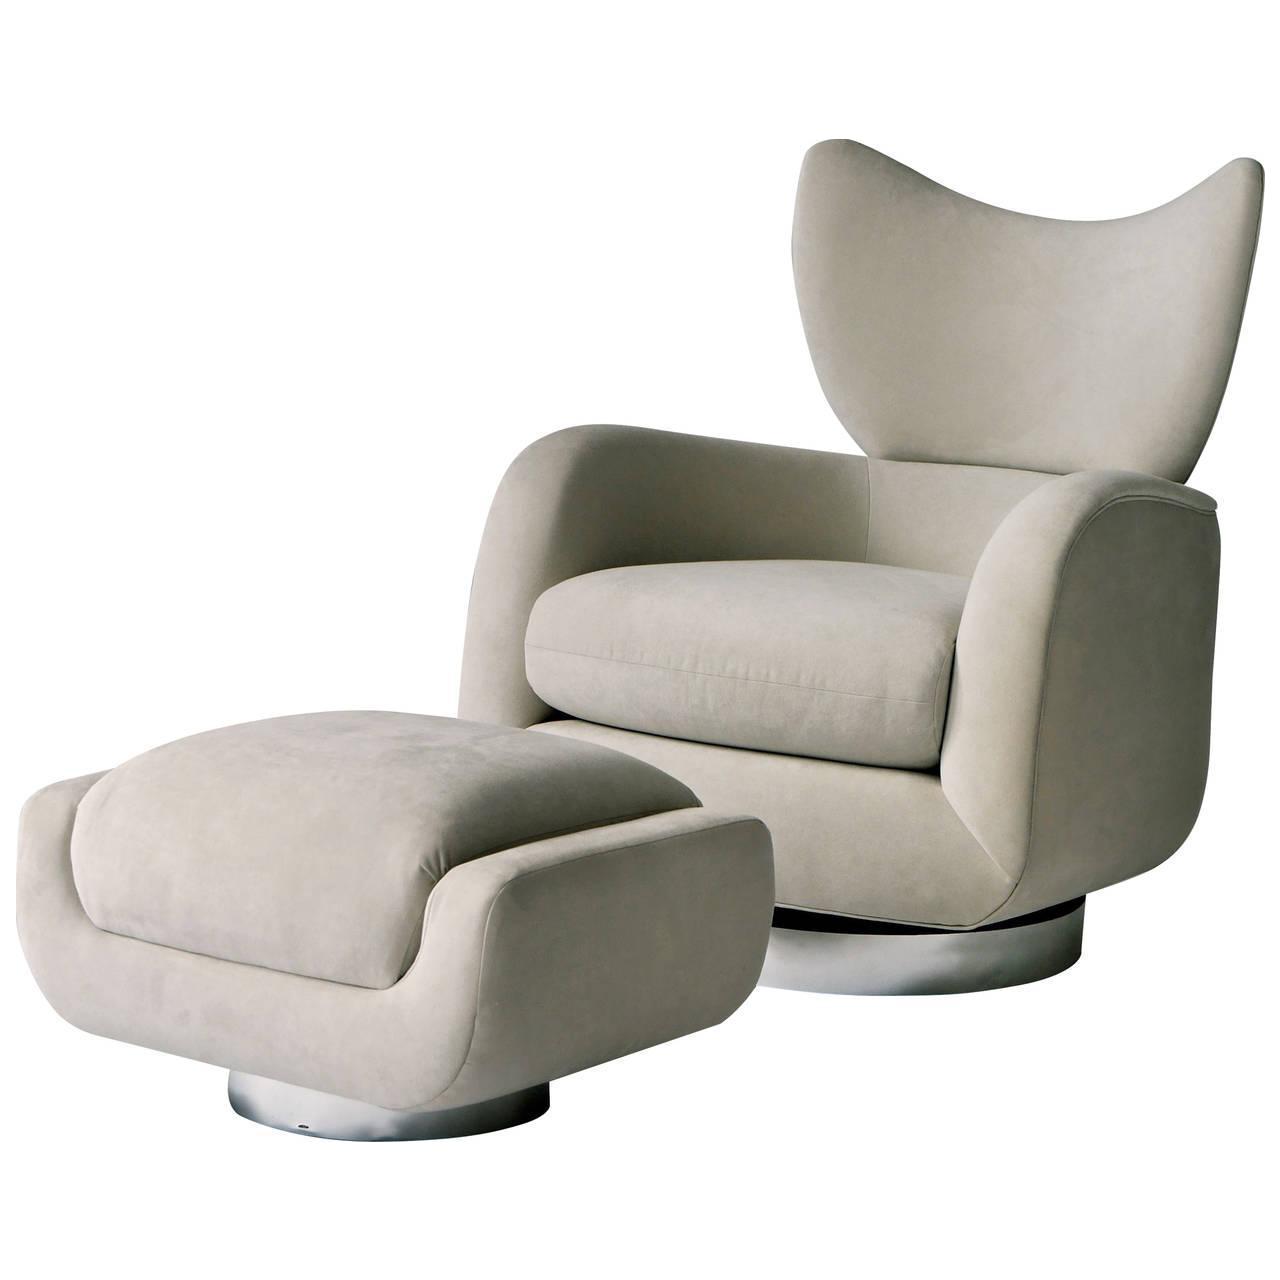 Vladimir Kagan Swivel Lounge Chair And Ottoman